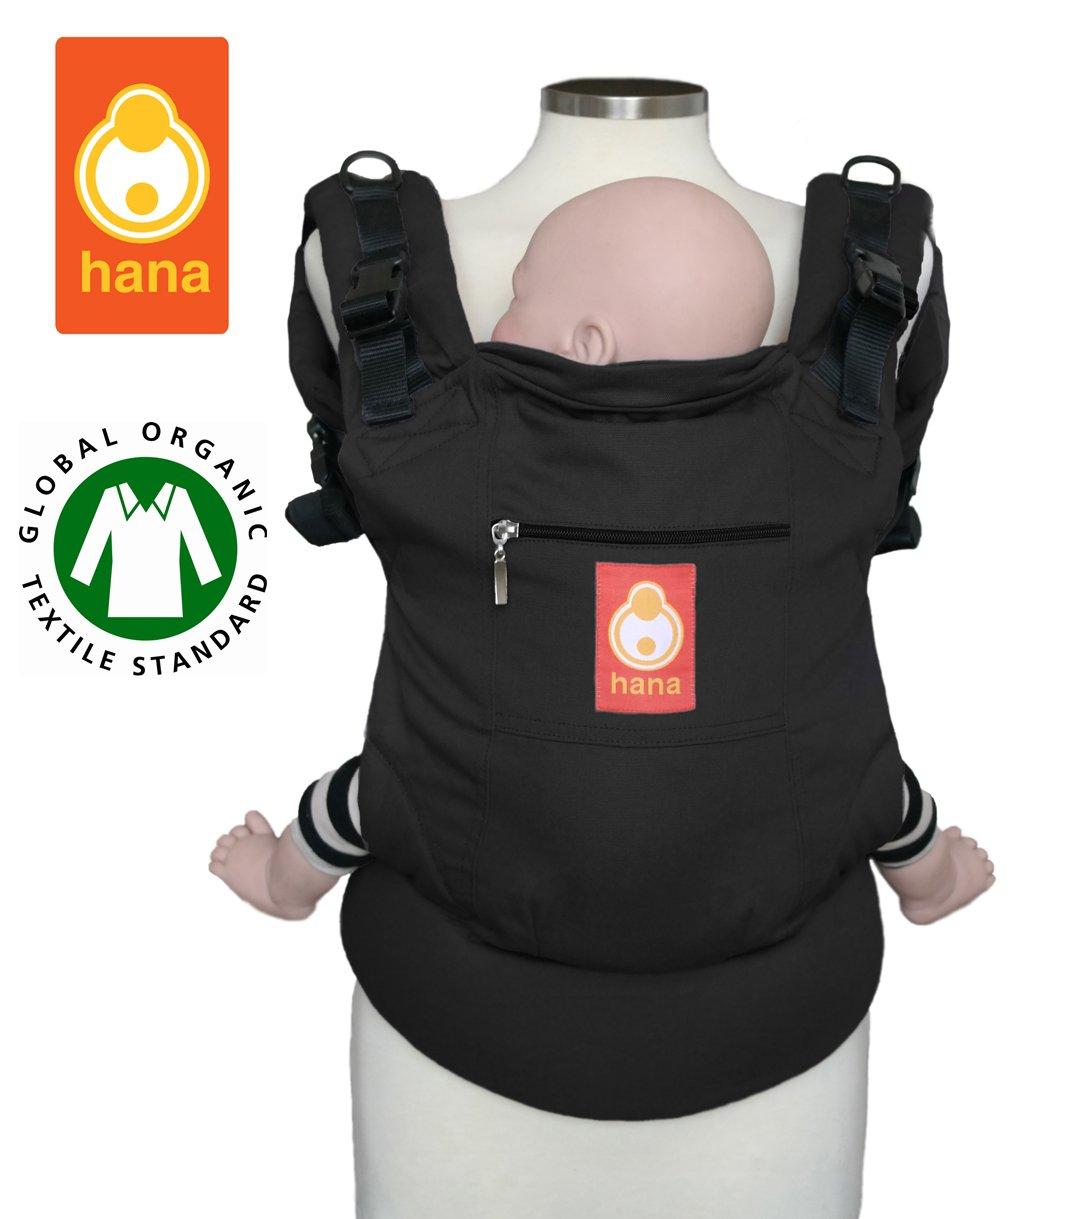 Hana Baby Carrier - Bio baumwolle Bauch und Ruck Babytrage. 3.5-20kgs (Black) Hanababy